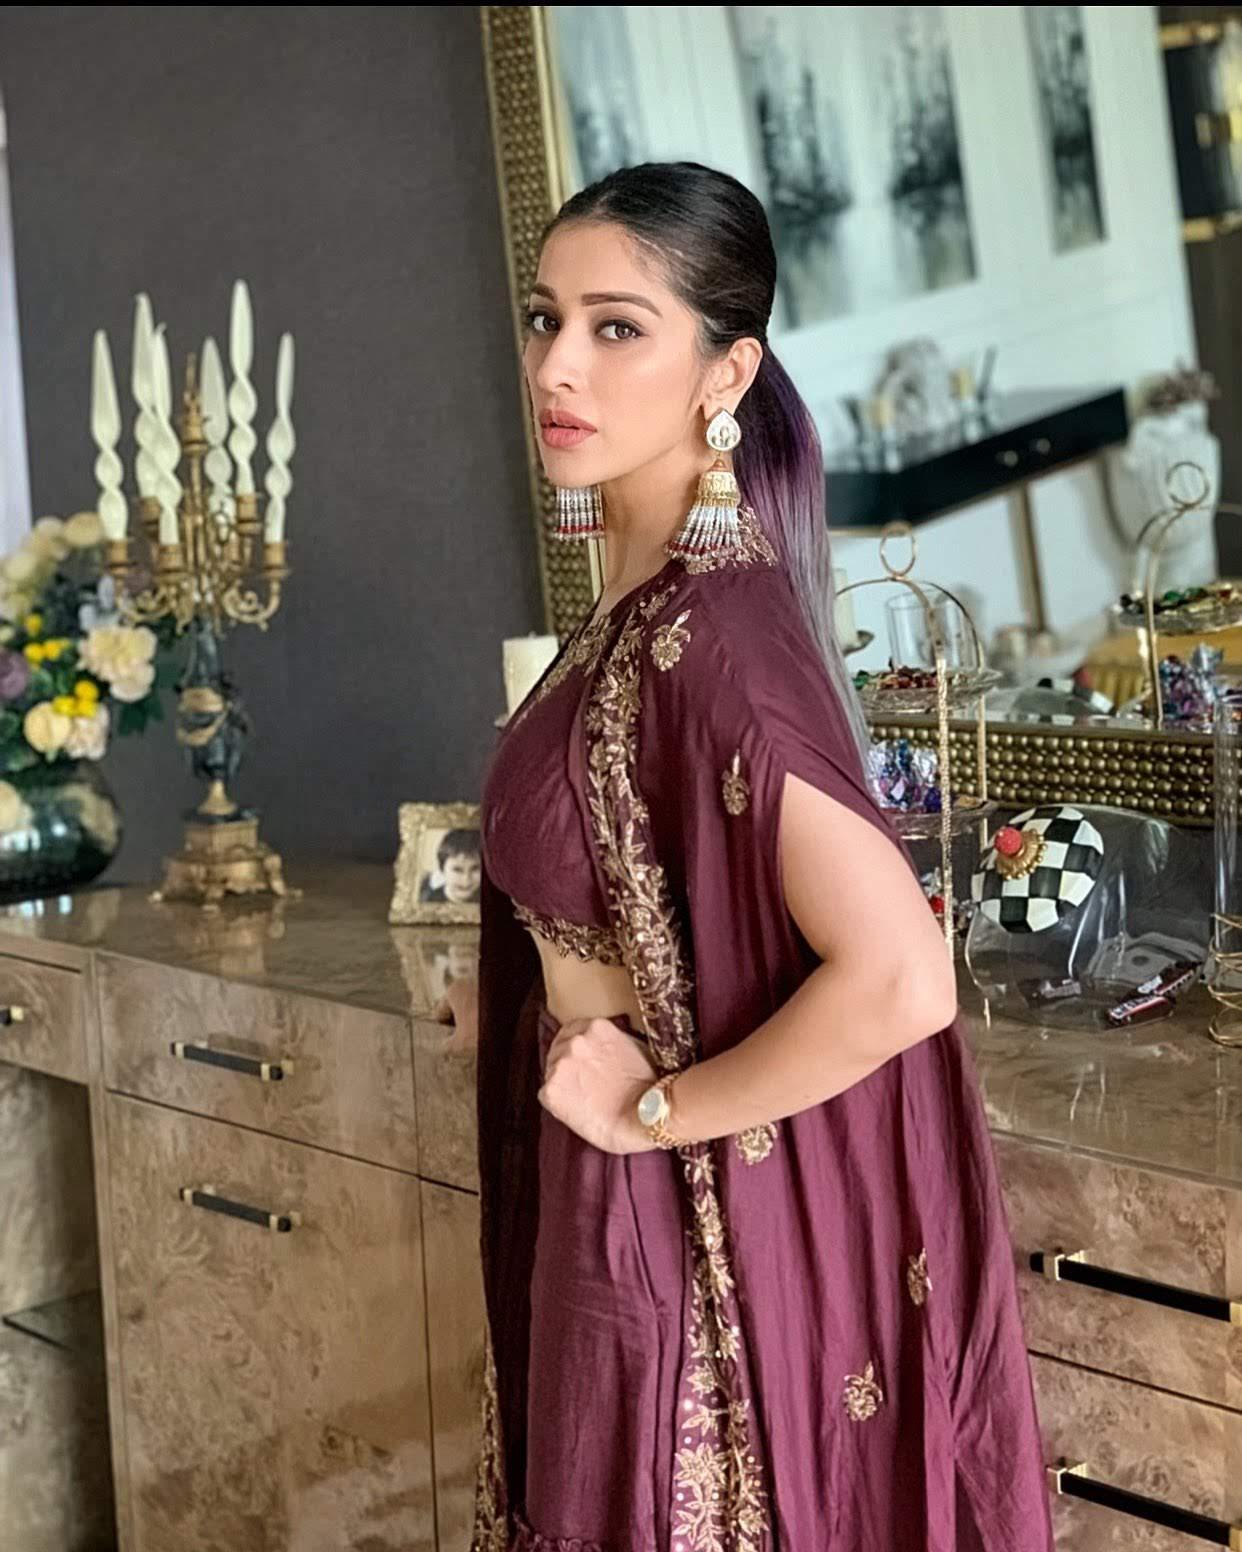 Rai-lakshmi-latest-images-32529